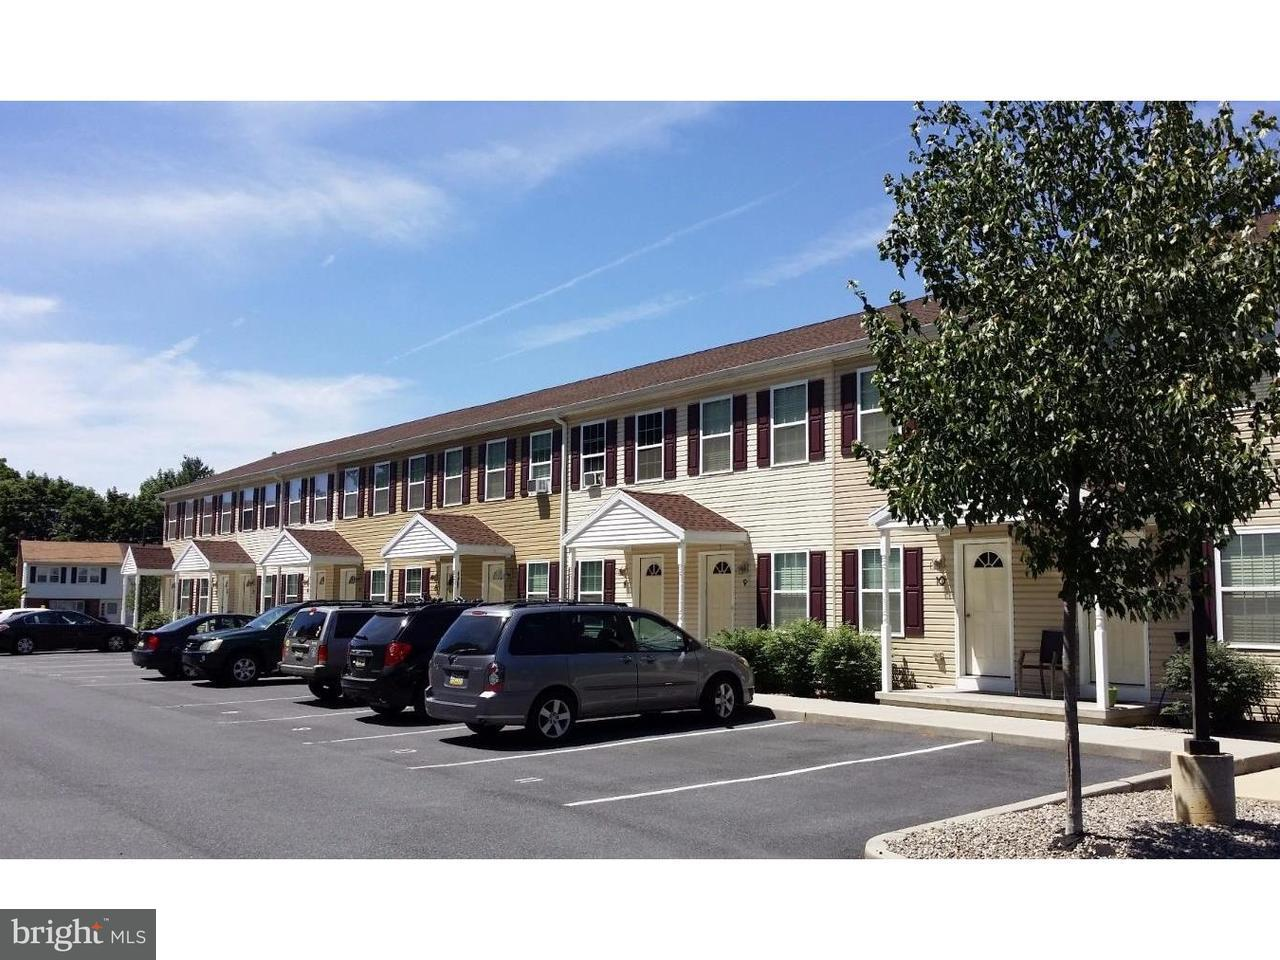 联栋屋 为 出租 在 75 S REBER ST #6 Wernersville, 宾夕法尼亚州 19565 美国